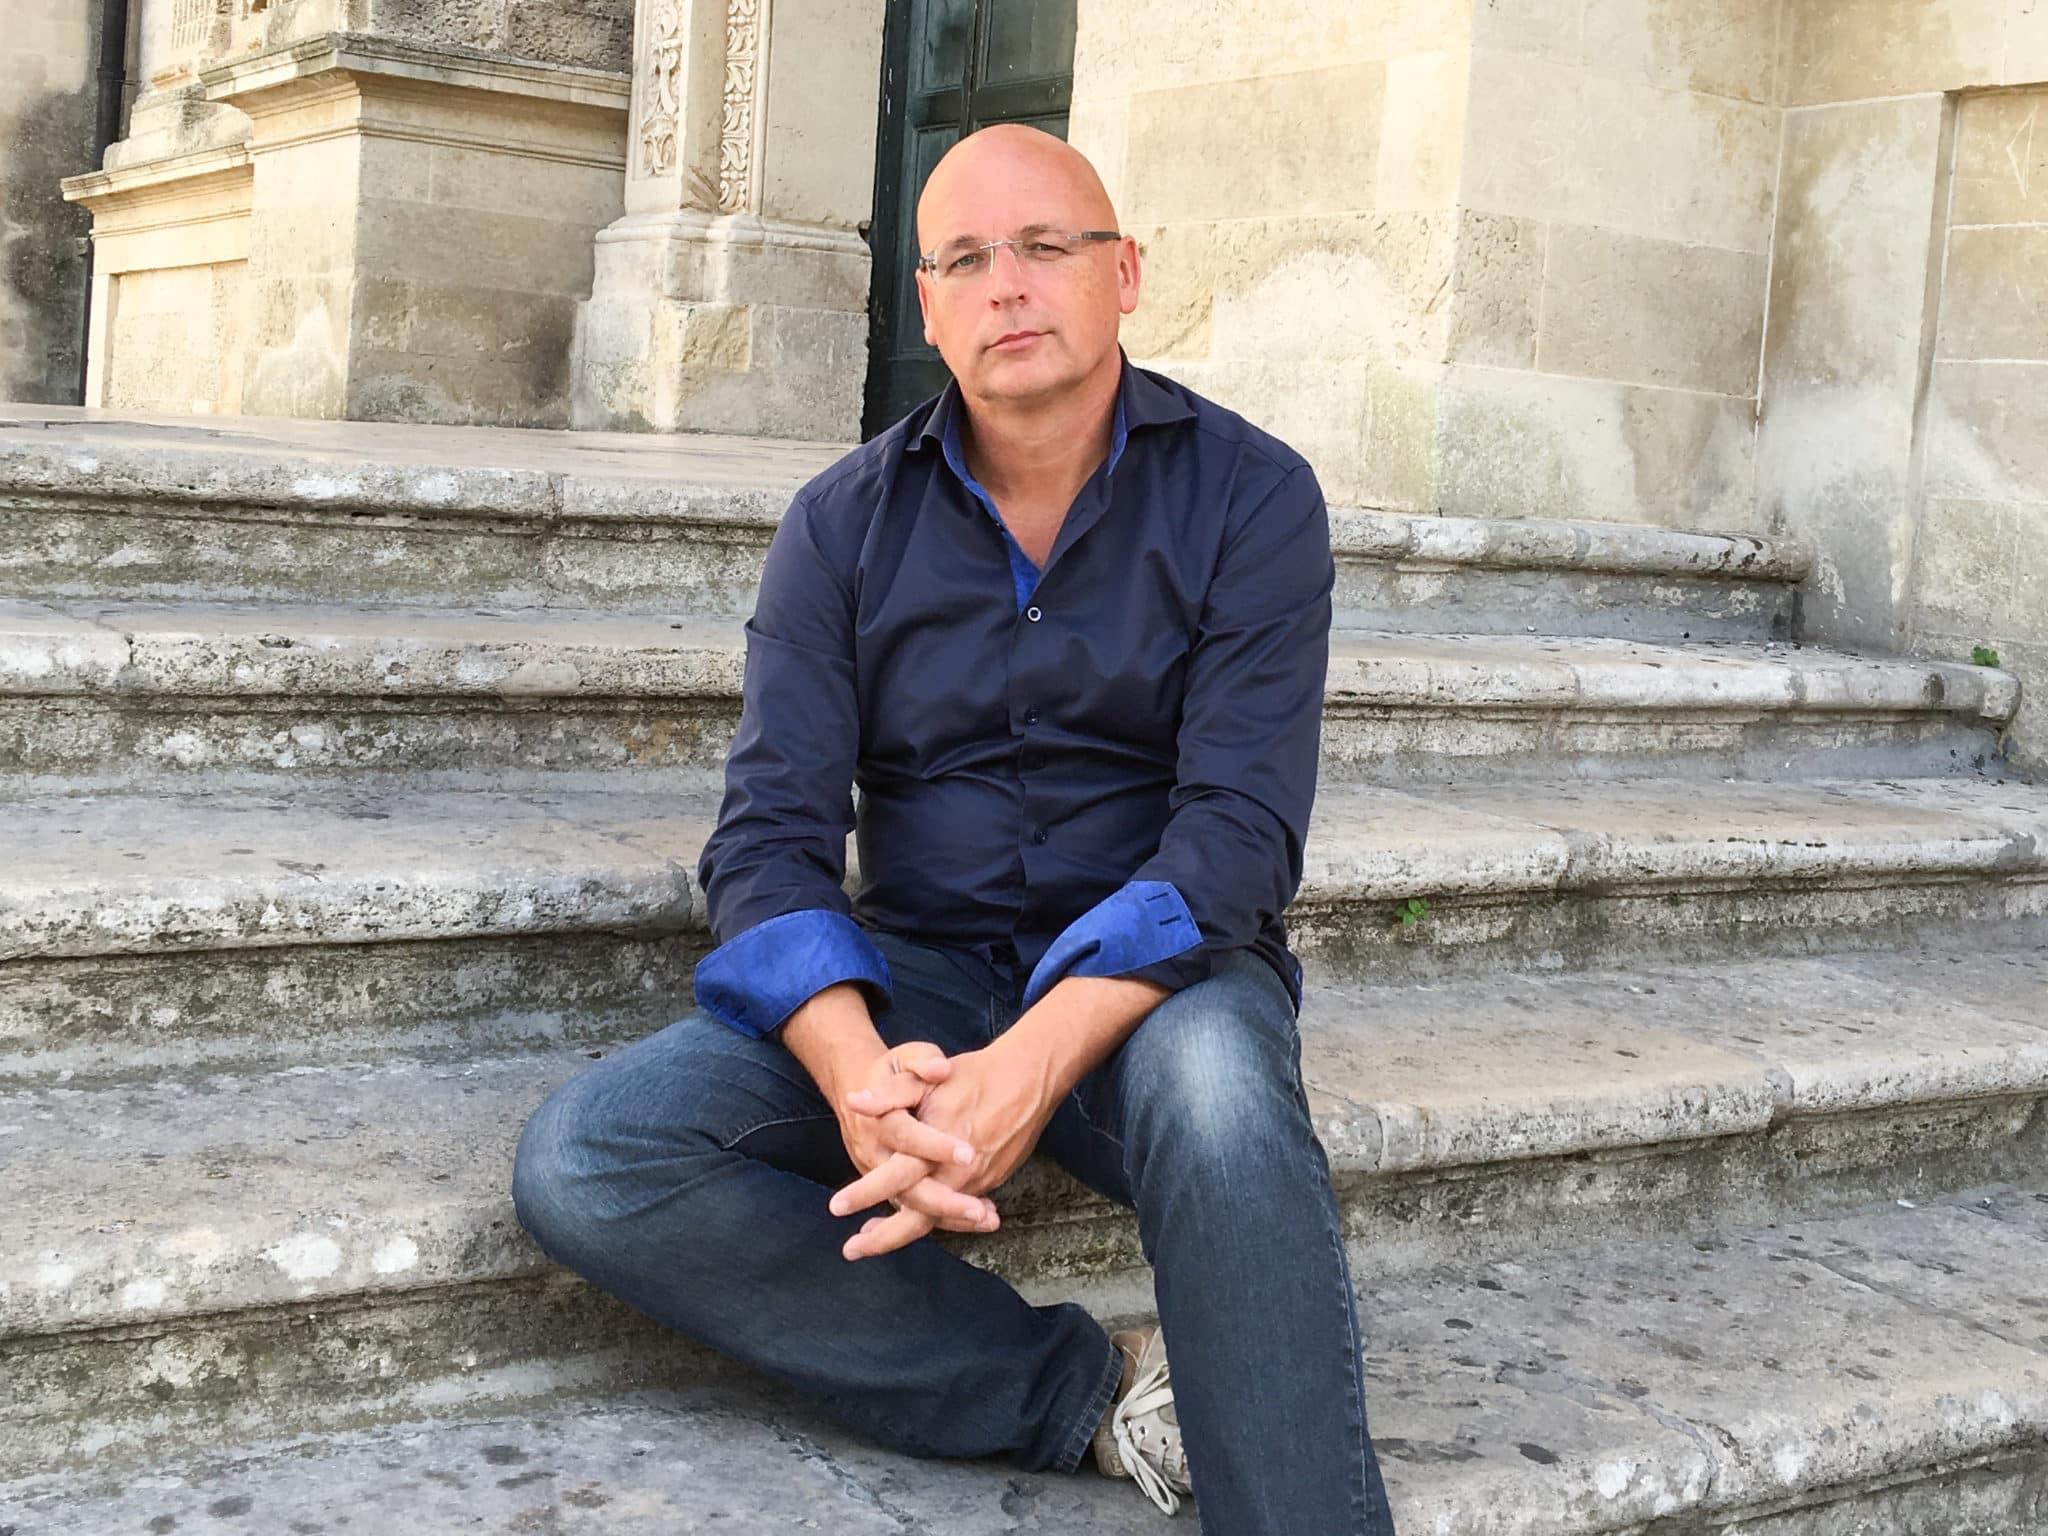 Profielfoto Emile Verhijden vakfotograaf